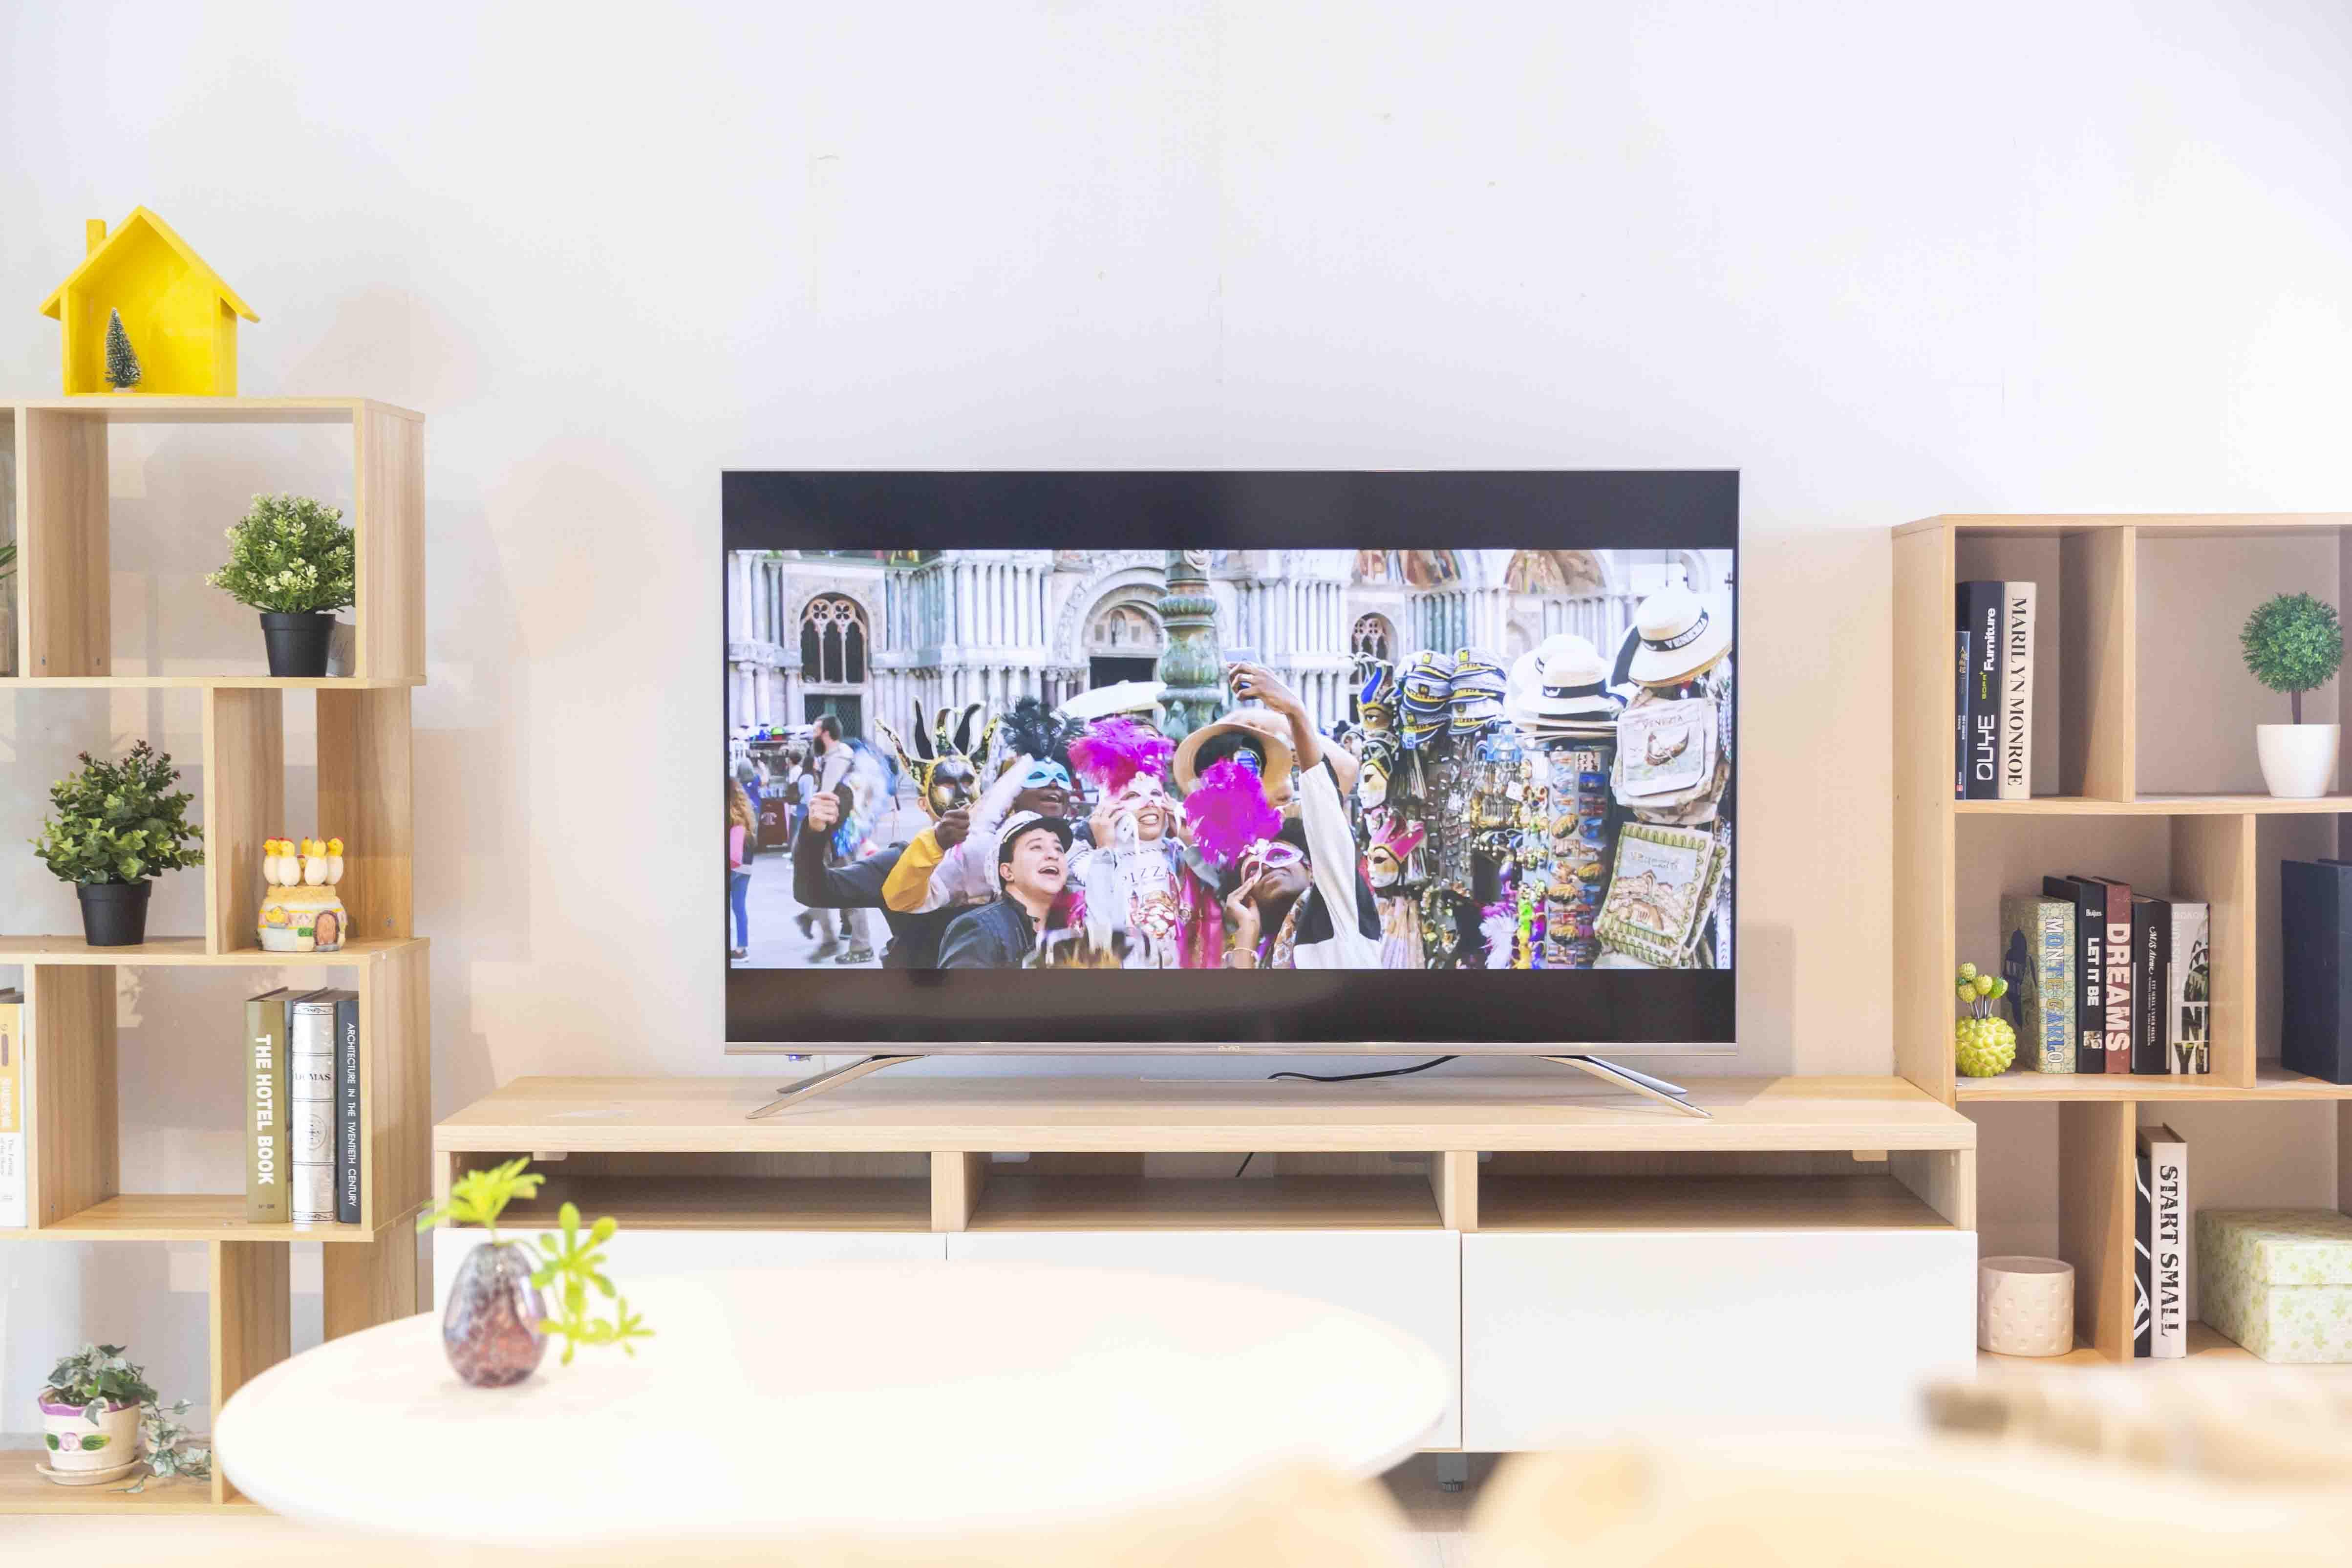 55 吋電視推薦-BenQ S55-710 4K Android TV:創造美好影音生活的實踐者